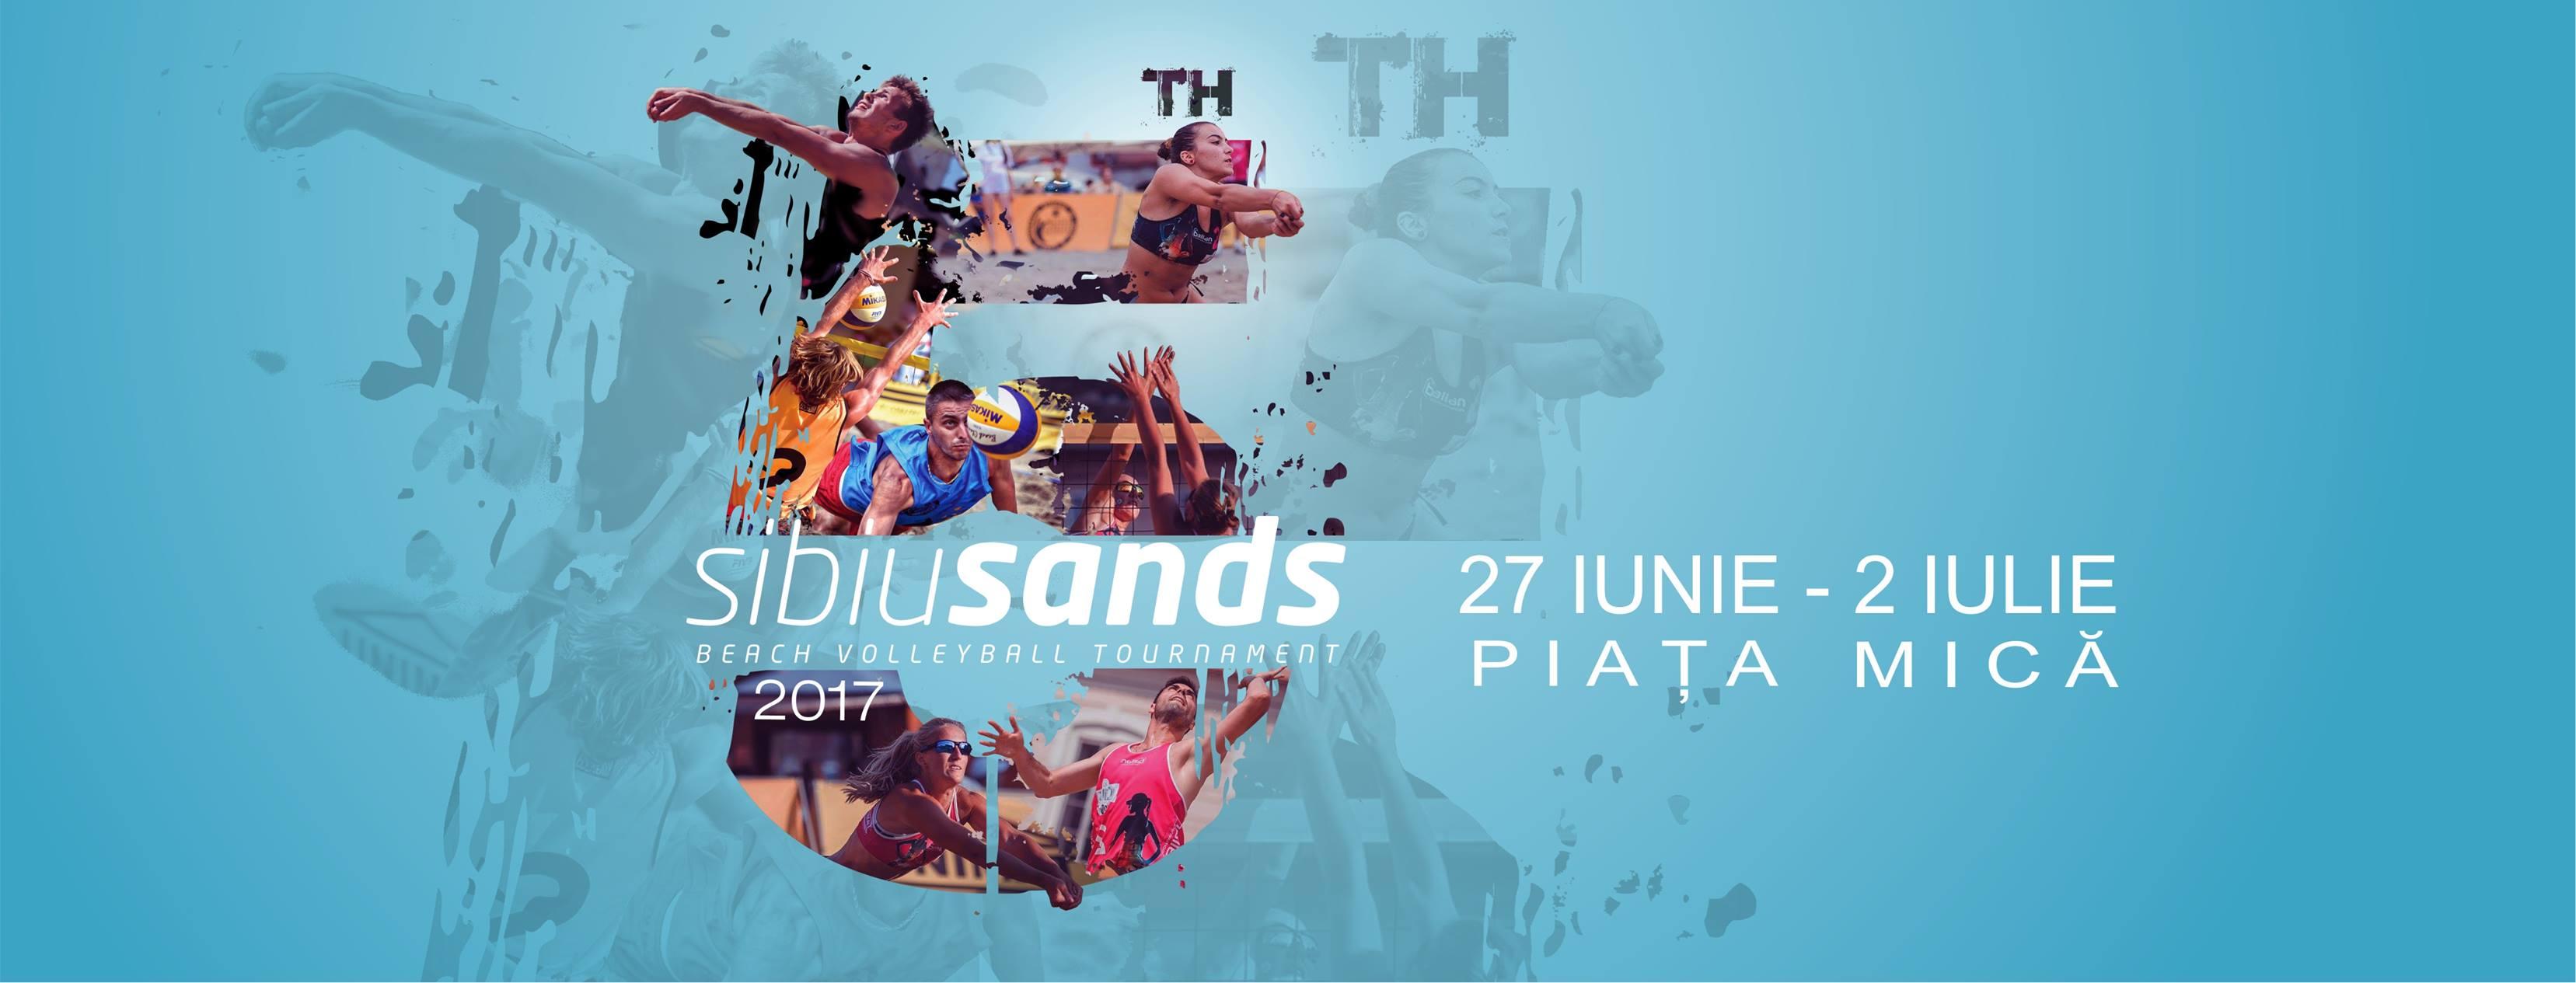 Sibiu Sands - Beach Volleyball Tournament